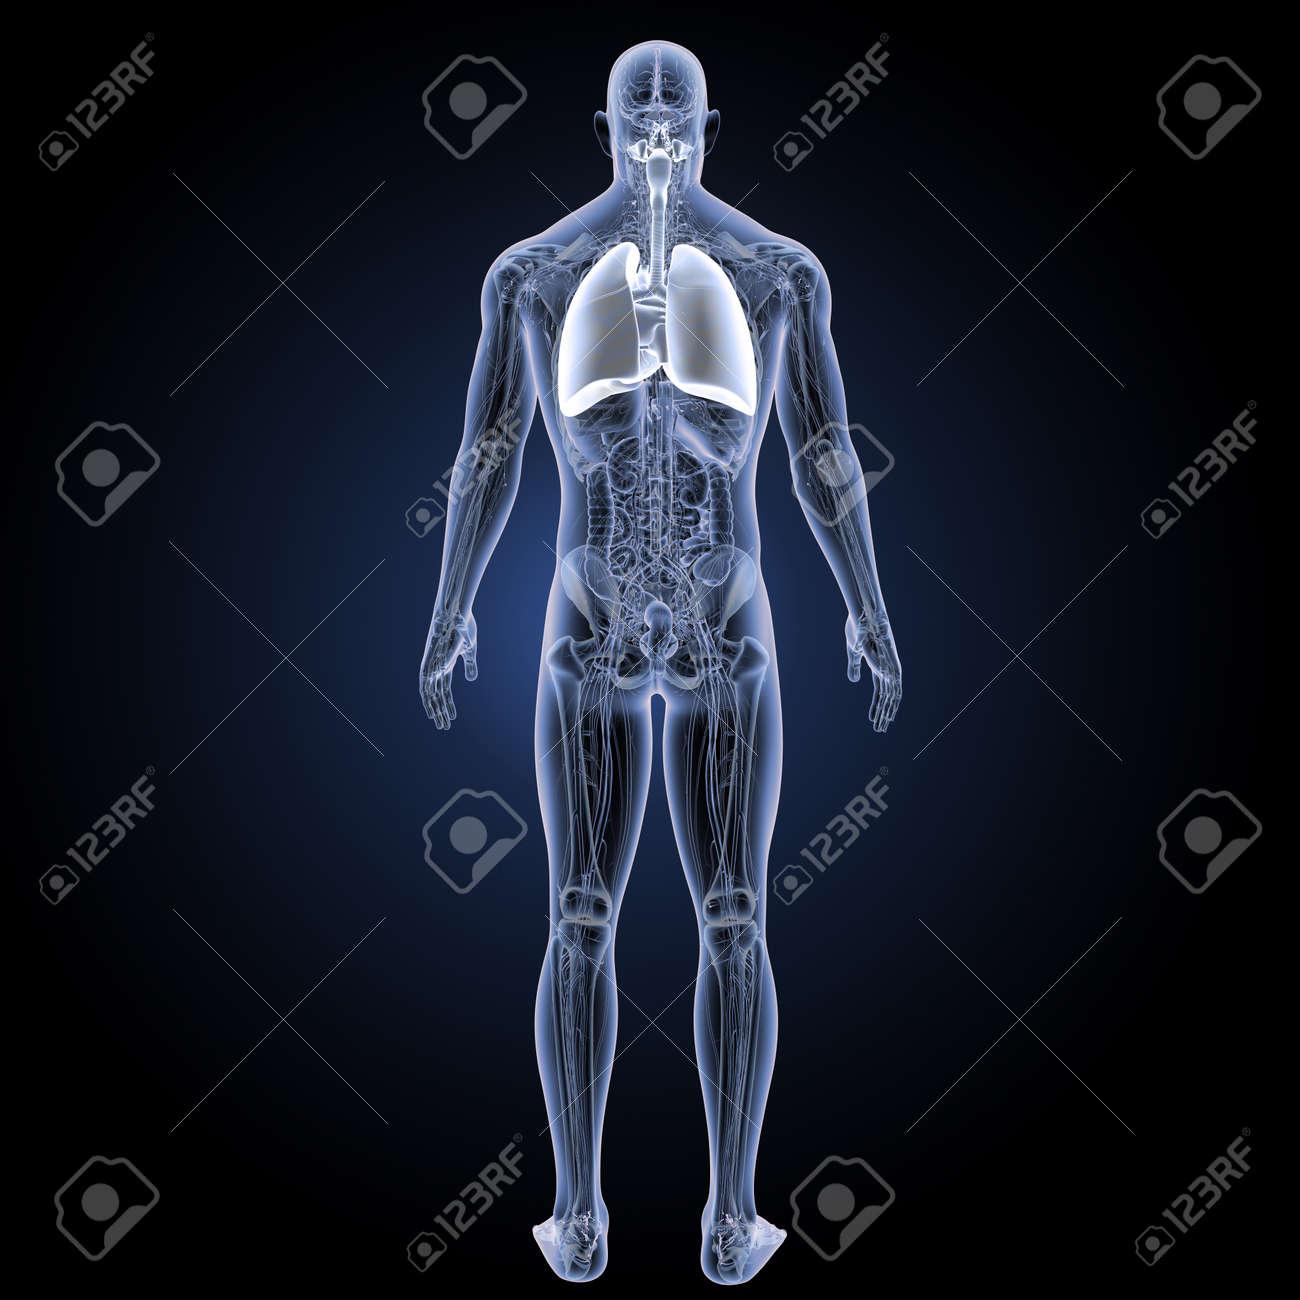 Sistema Respiratorio Humano Con Anatomía Vista Posterior Fotos ...